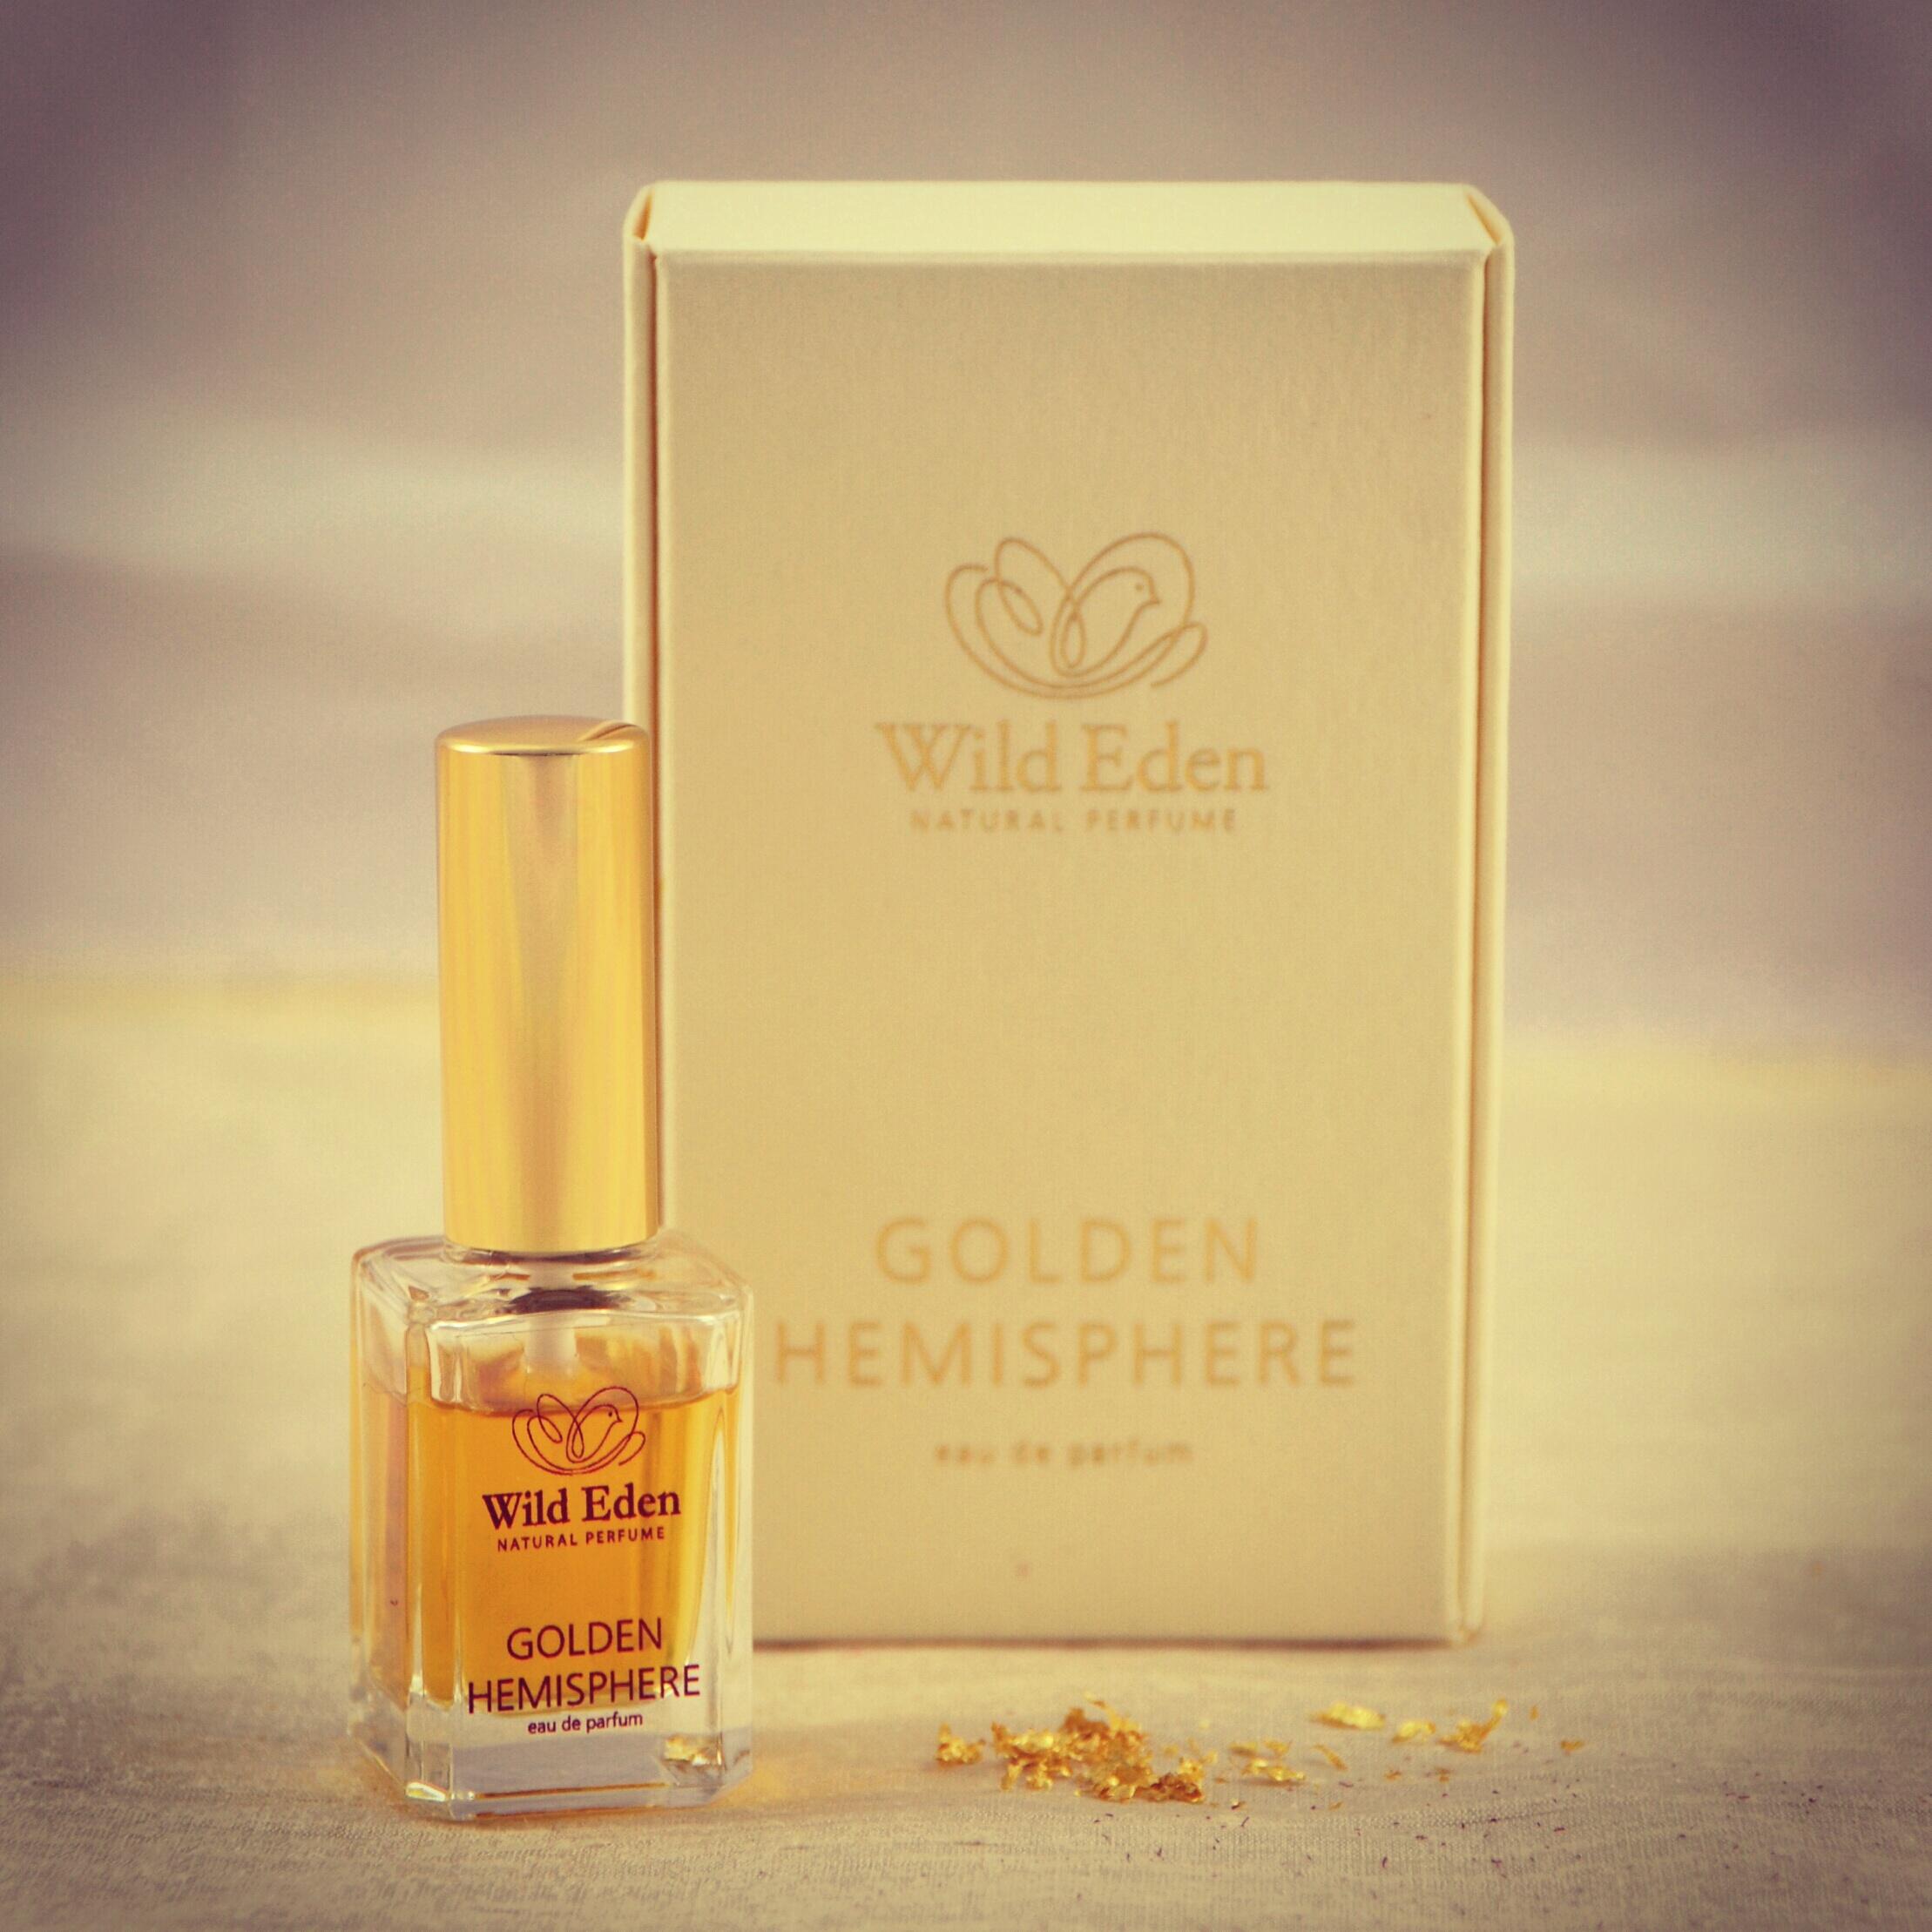 Golden Hemisphere